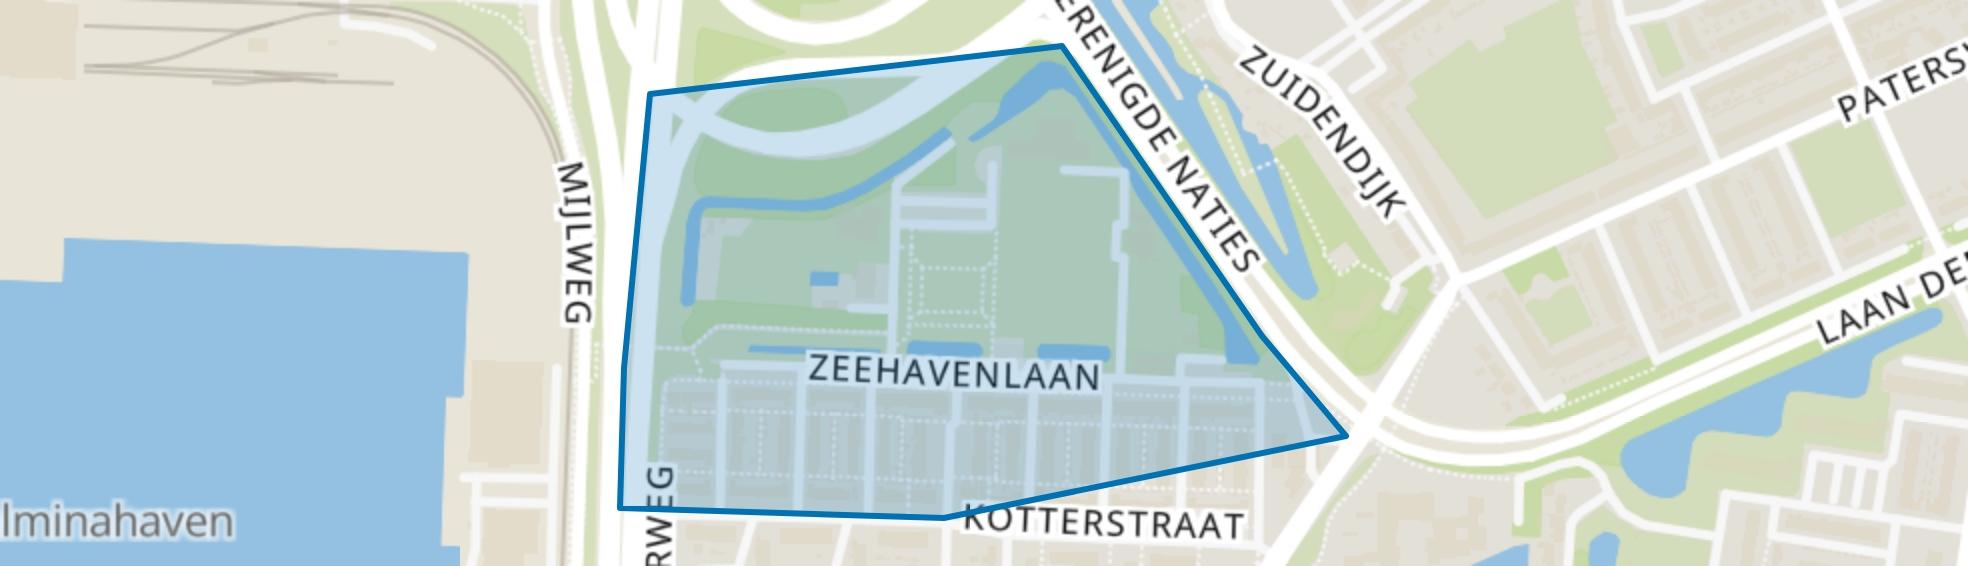 Zeehavenlaan en omgeving, Dordrecht map